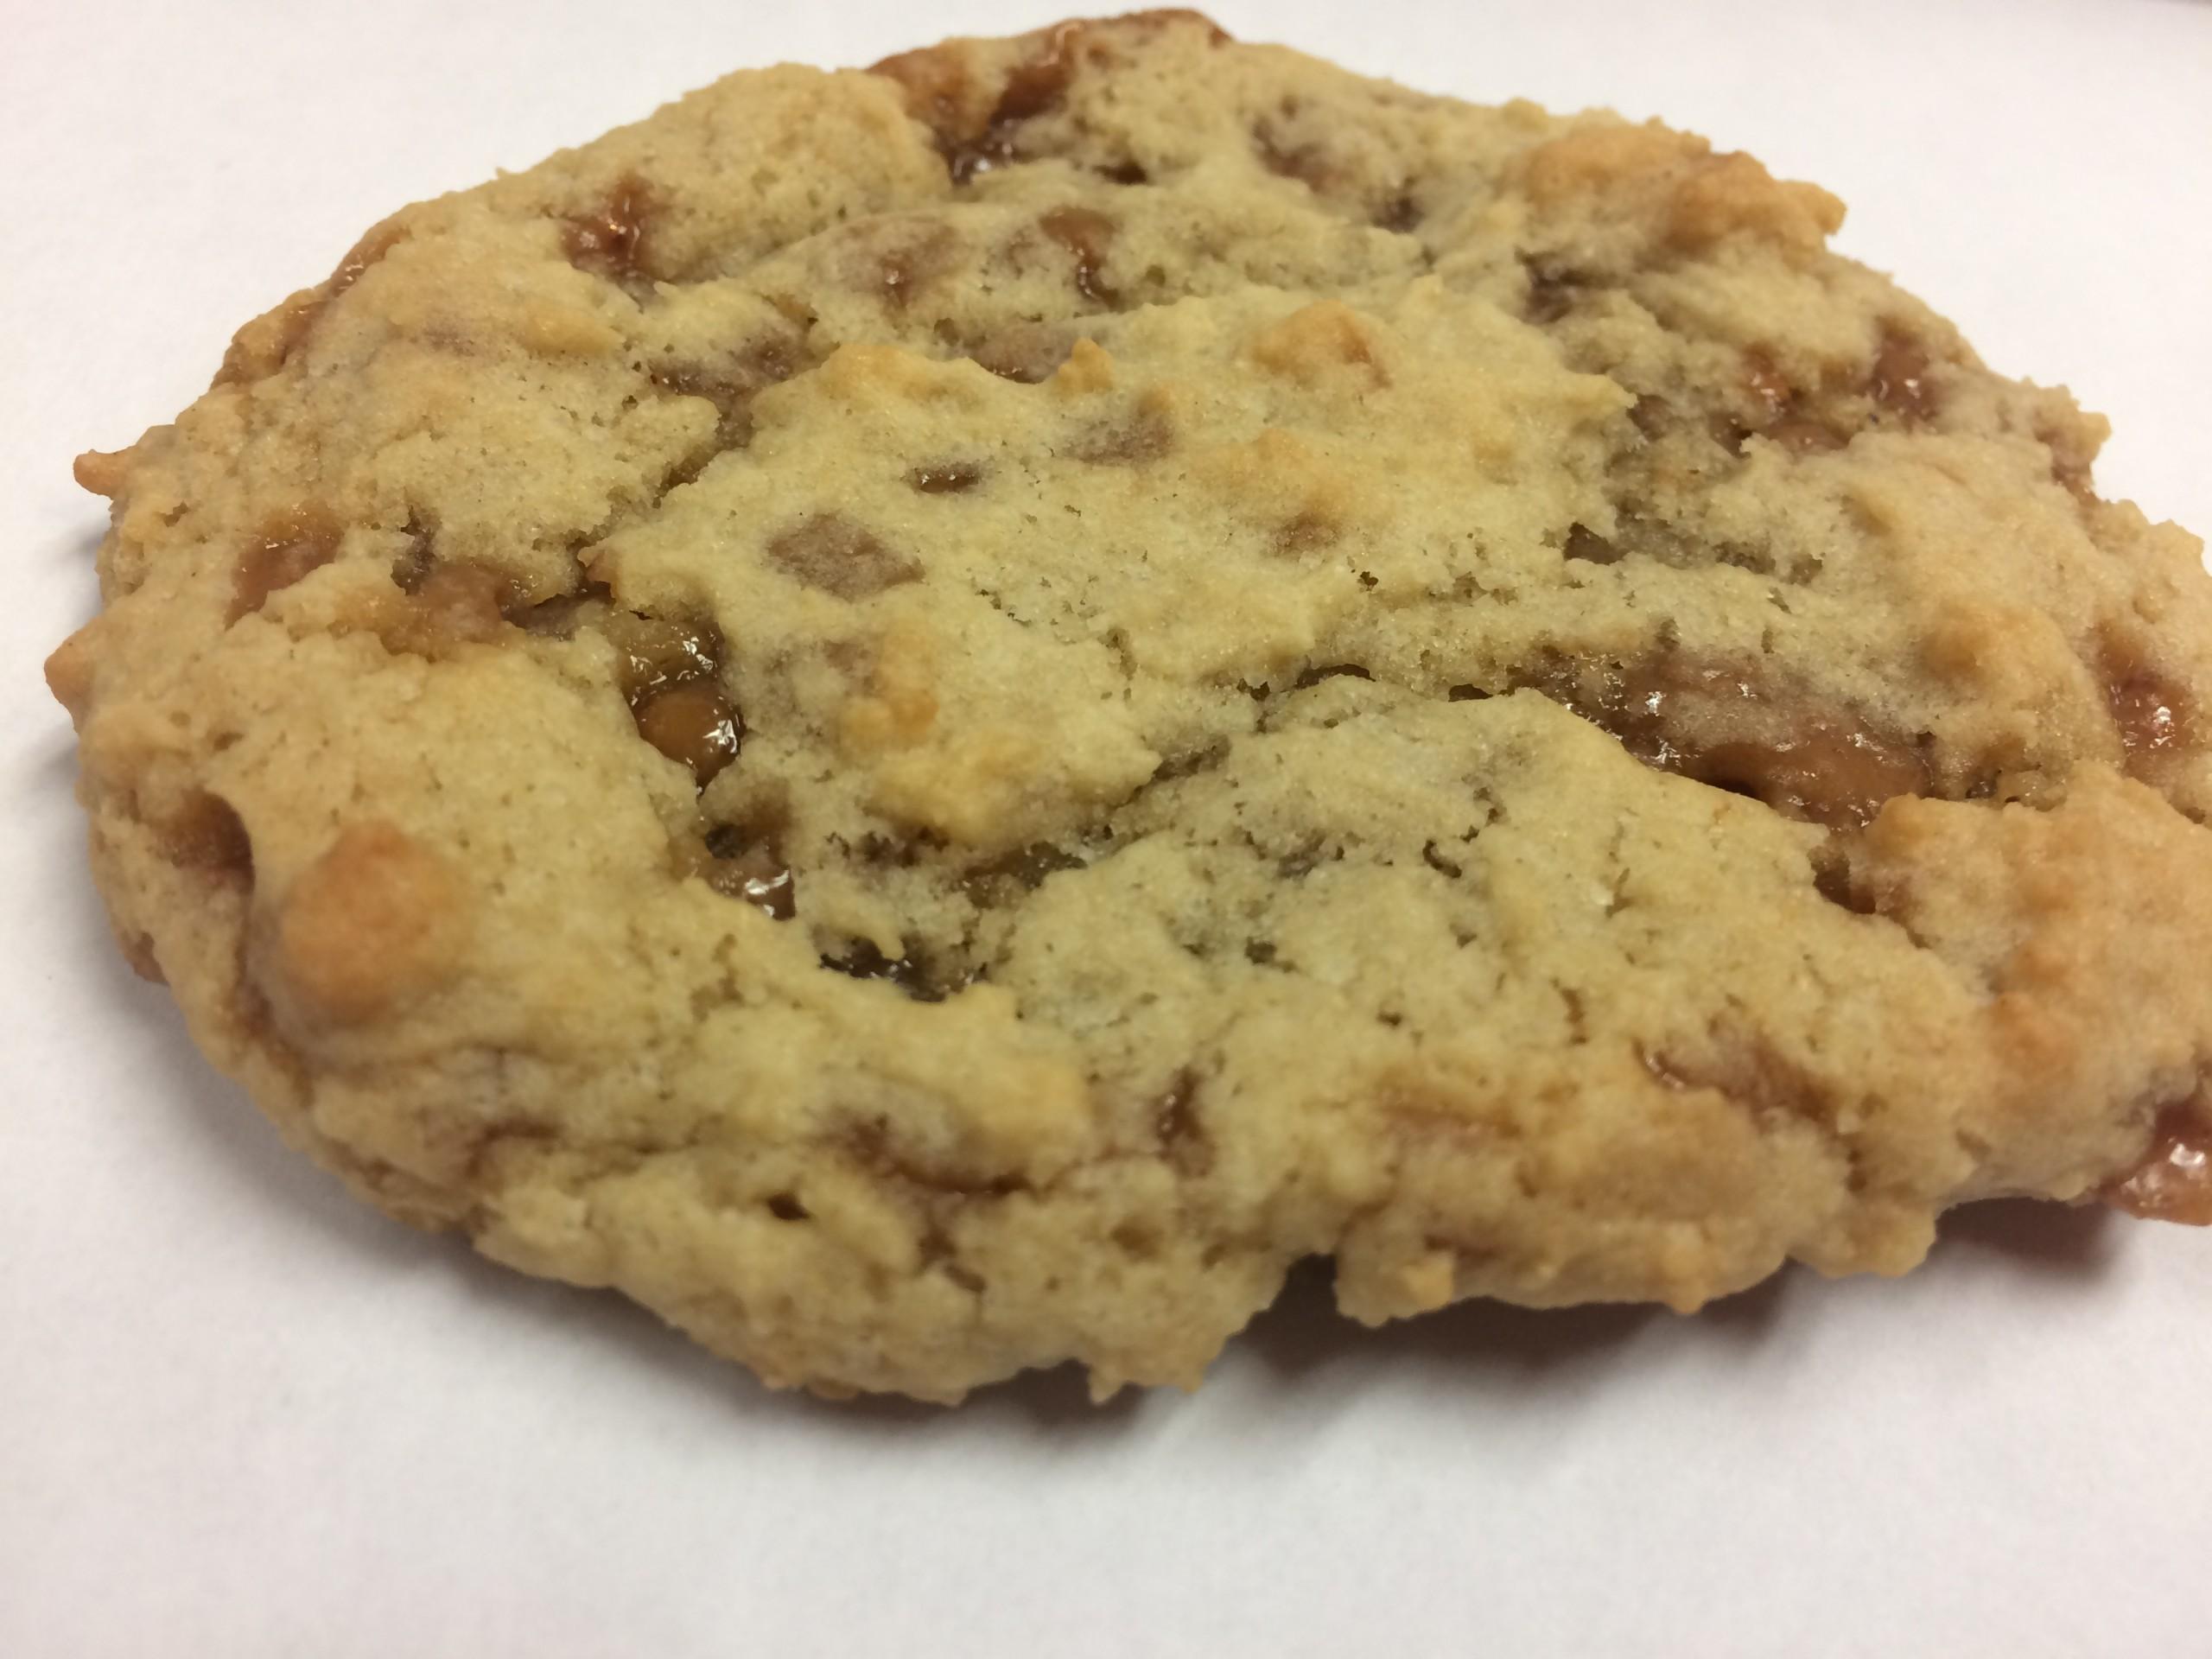 Chewy Skor Toffee Bits Cookies